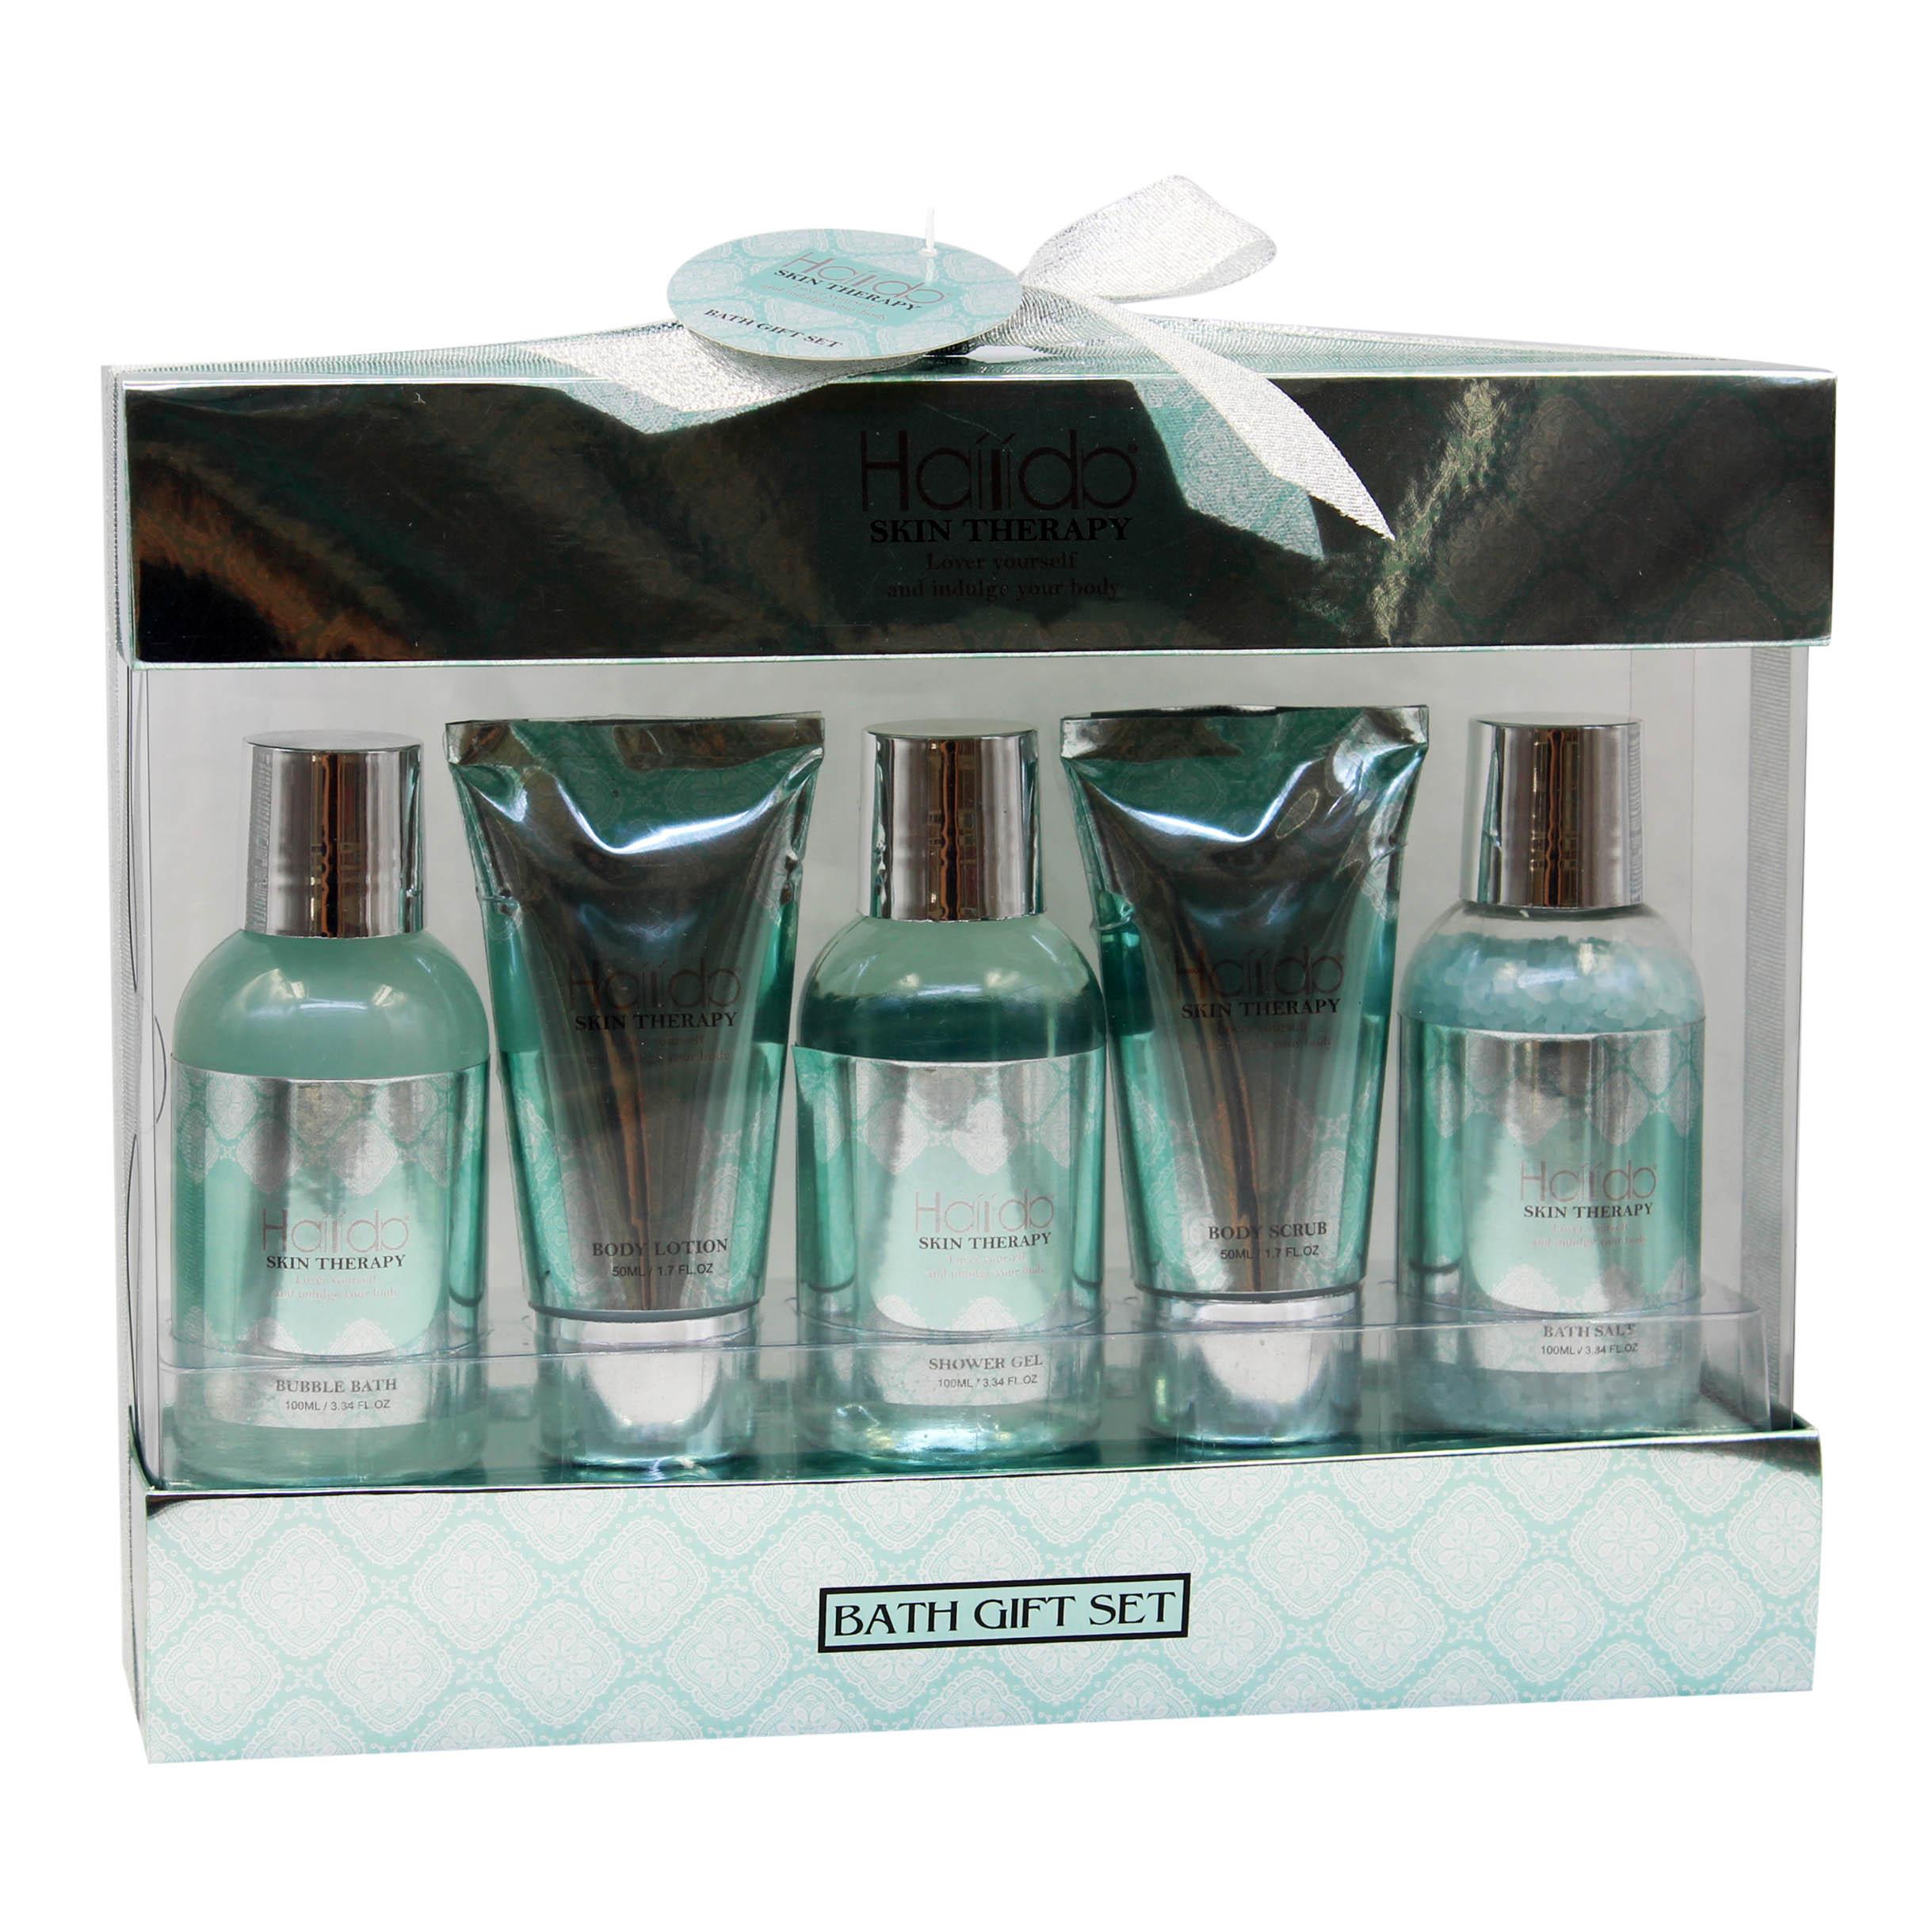 Оптовая продажа, лучшее качество, товары для уборки мужского тела на День отца, подарочный набор для ванны